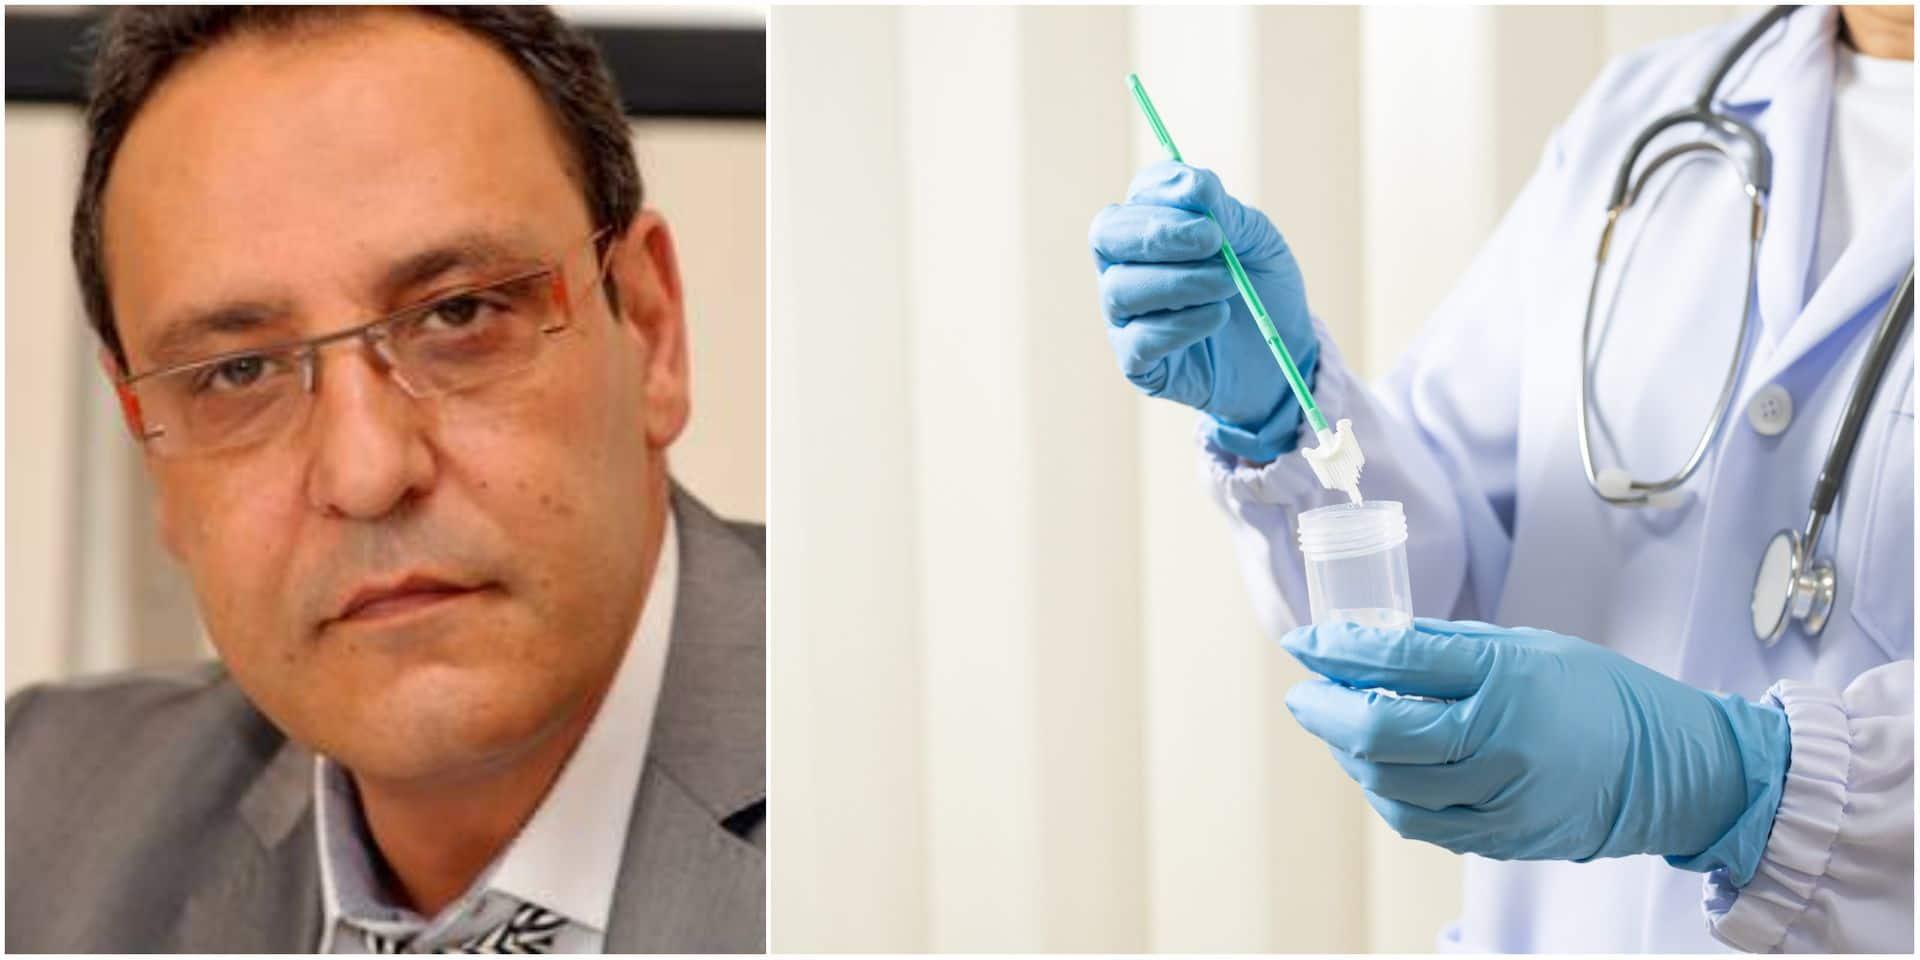 Un cas suspect de coronavirus à Liège : personne ne veut analyser le frottis du Docteur Chamas !